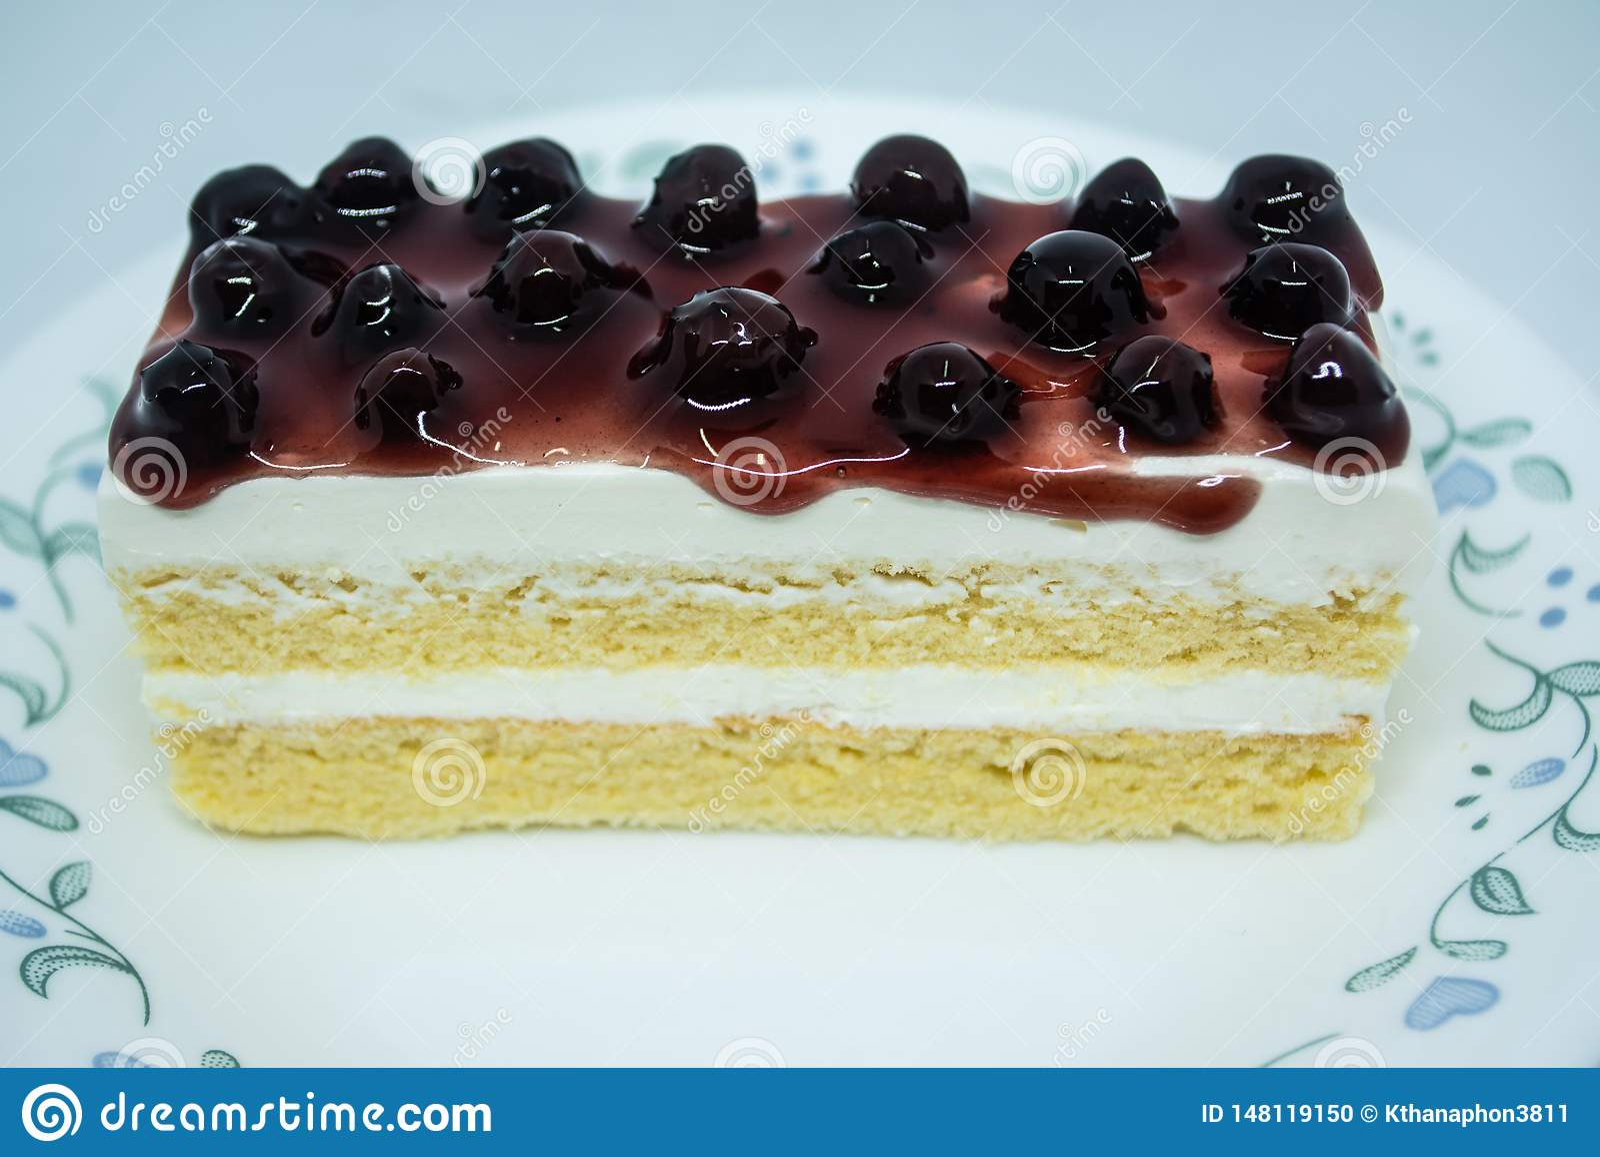 Bosbessen botercake, snacksvoedsel voor onderbrekingen tijdens het werk of na maaltijd